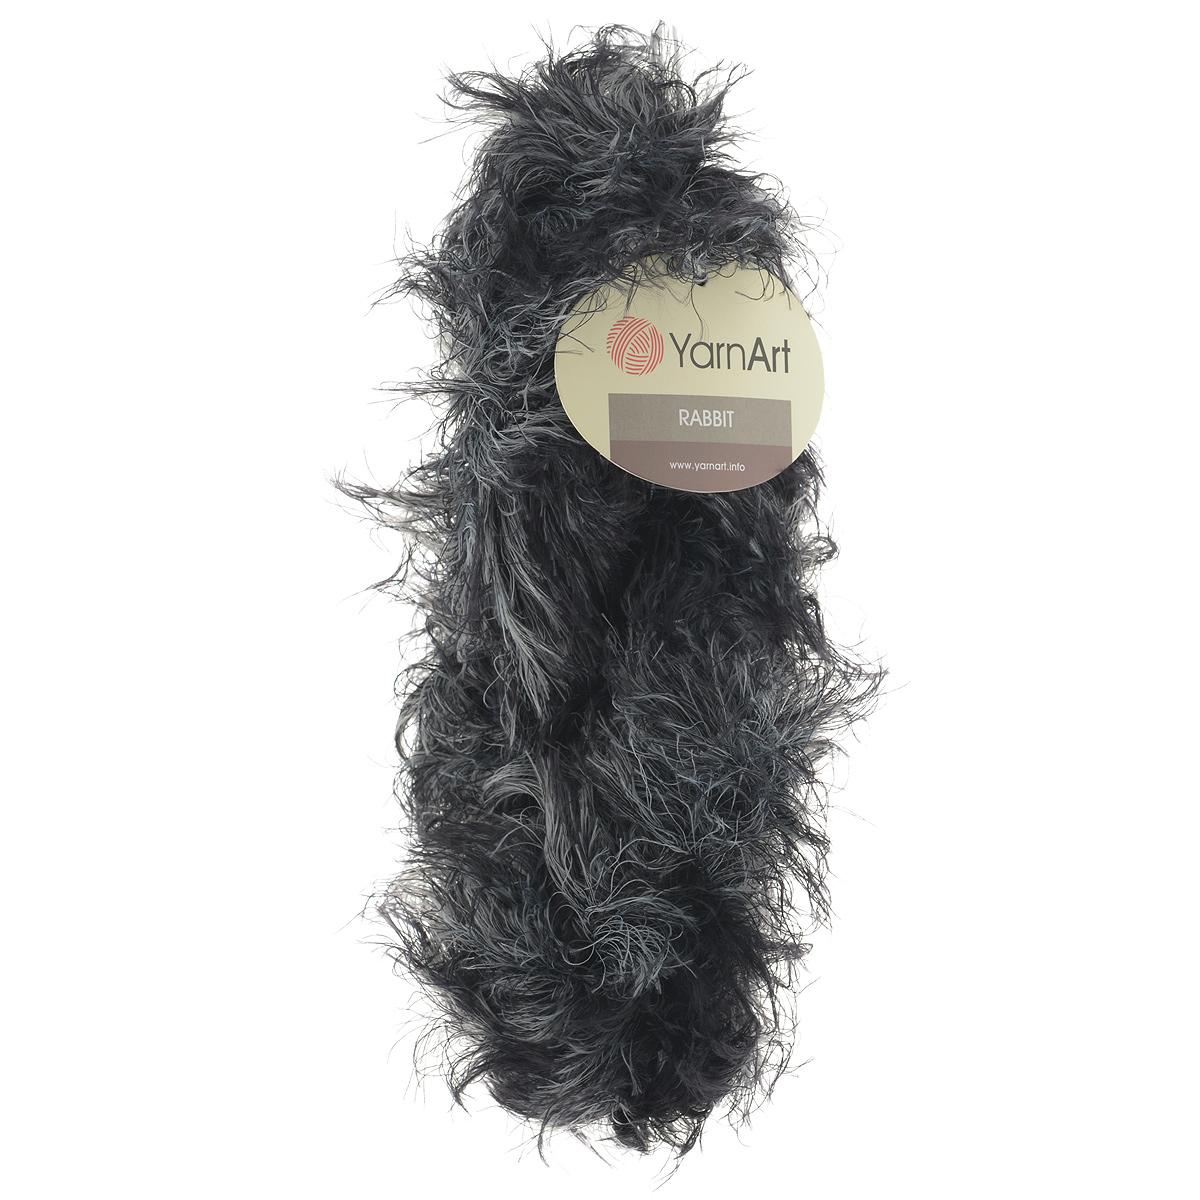 Пряжа для вязания YarnArt Rabbit, цвет: черный, серый (561), 90 м, 100 г, 4 шт693354_561Пряжа Rabbit - новинка, имитирующая мех кролика фантазийной окраски. Нить тонкая с длинным ворсом. Подходит в качестве отделки одежды, а также в качестве основной пряжи. Вязать лучше всего лицевой гладью, тогда изделие получится мягким и пушистым, как настоящий мех. Состав: 100% полиамид. Рекомендованные спицы и крючок № 6-6,5.